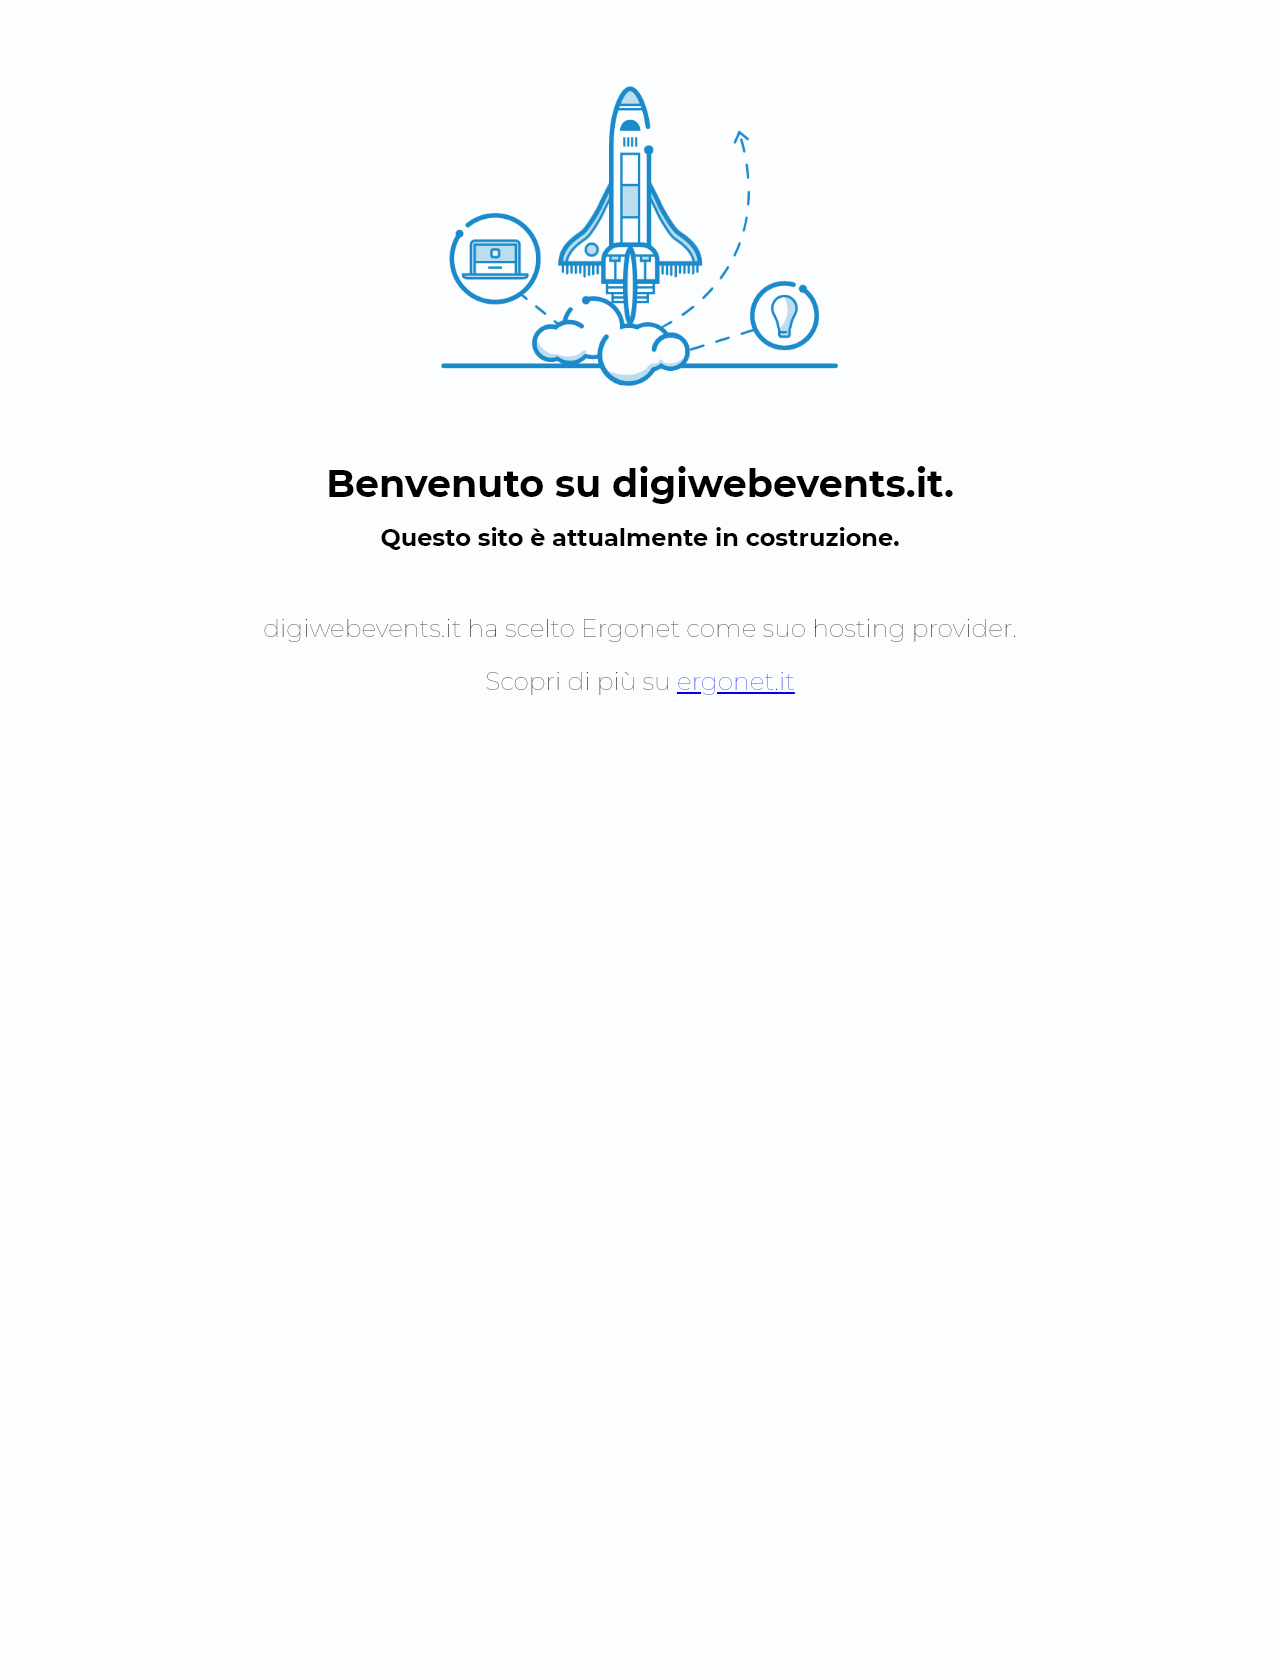 Screenshot Desktop - https://digiwebevents.it/